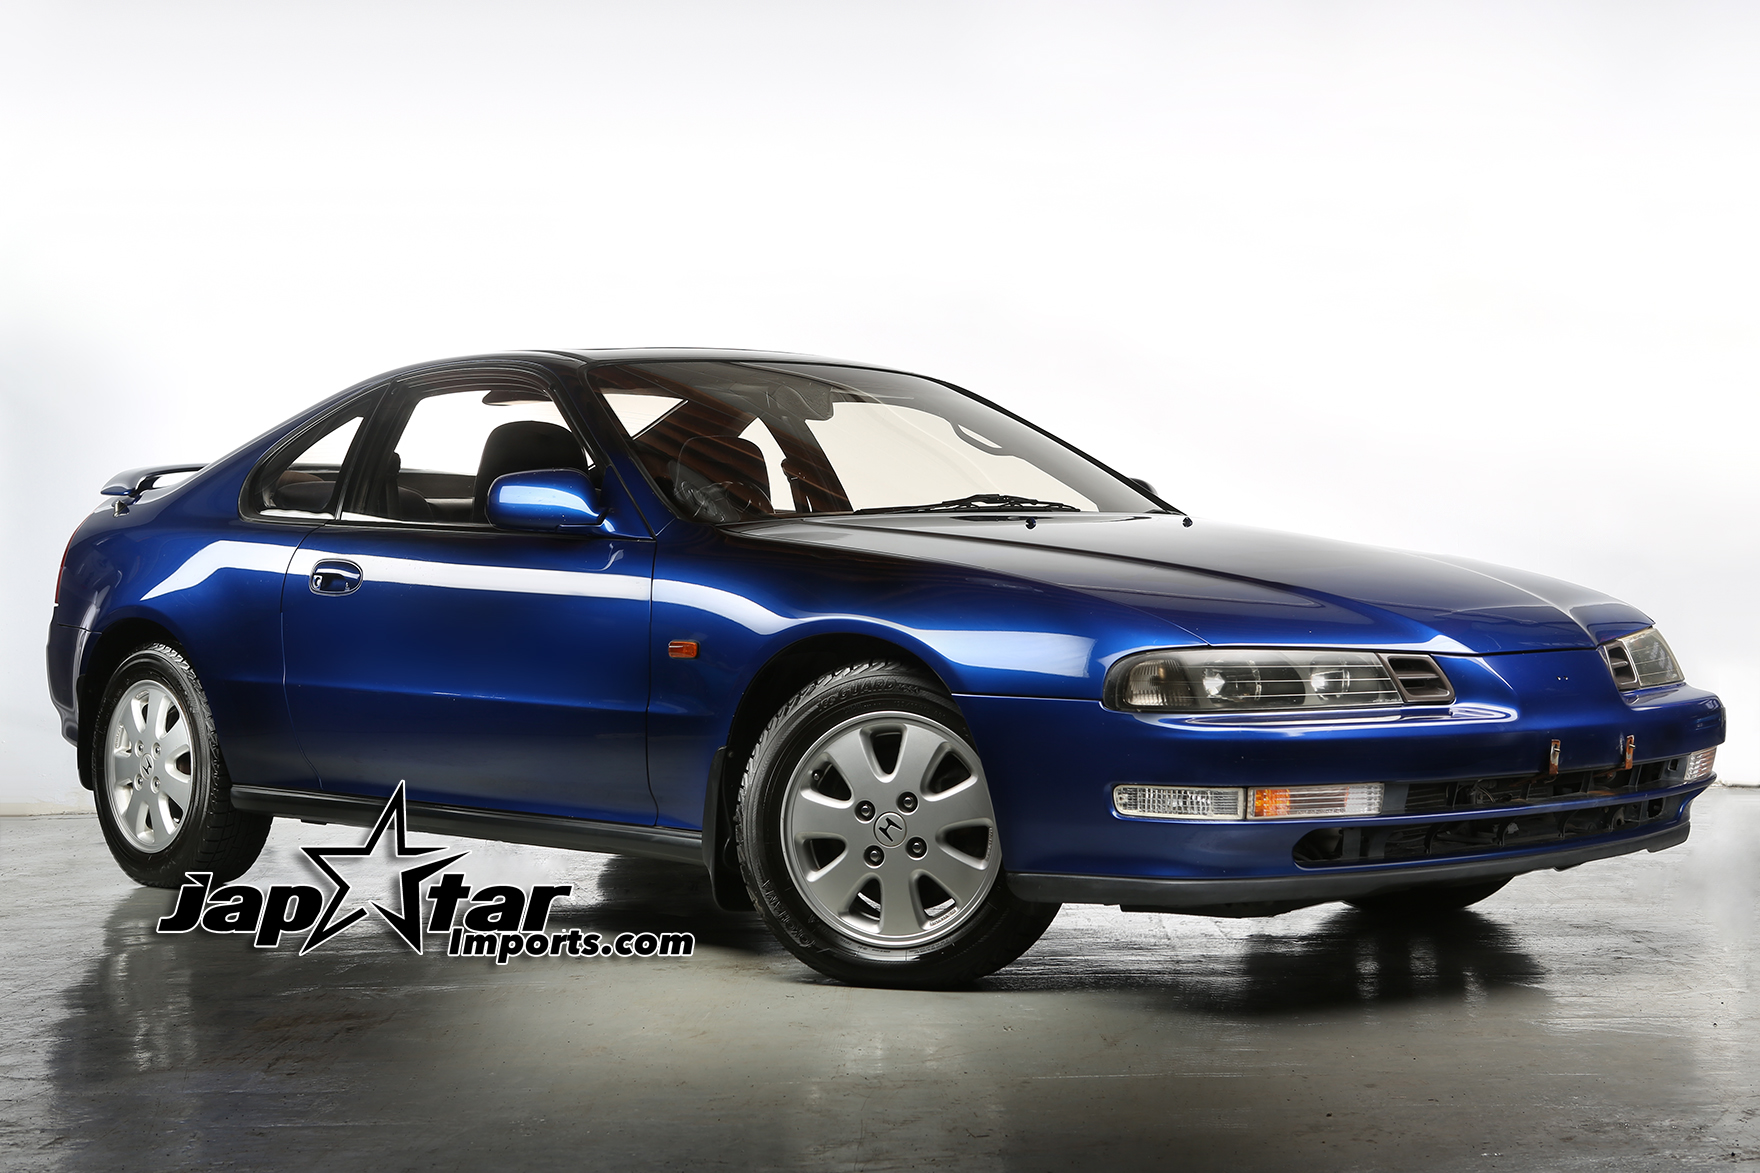 1991 Honda Prelude - SOLD